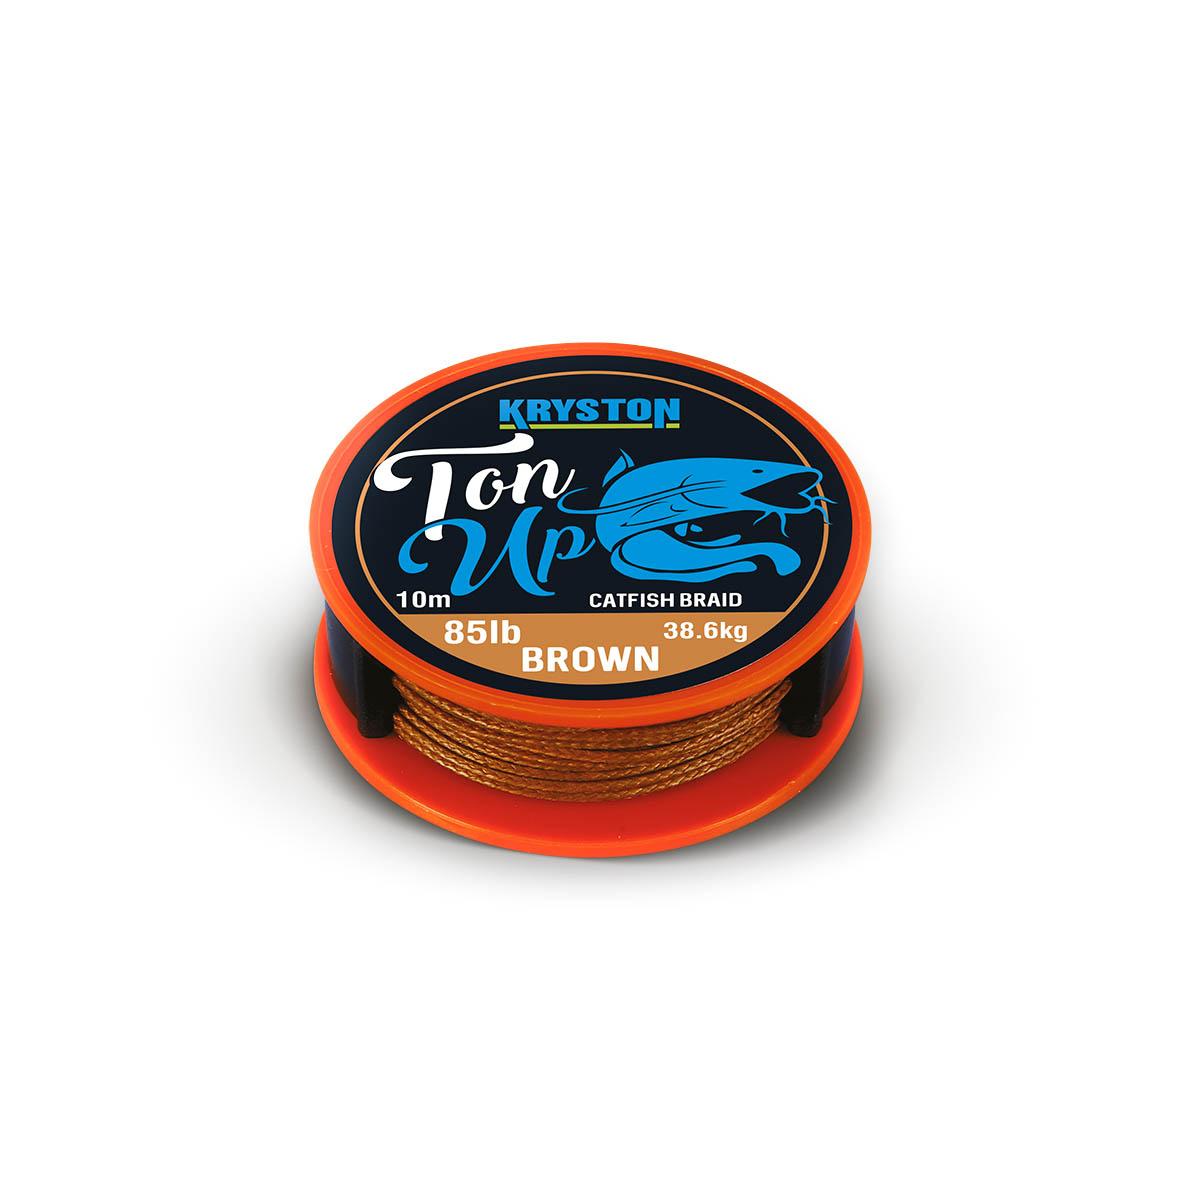 Kryston sumcové návazce - Ton Up 85lb 10m